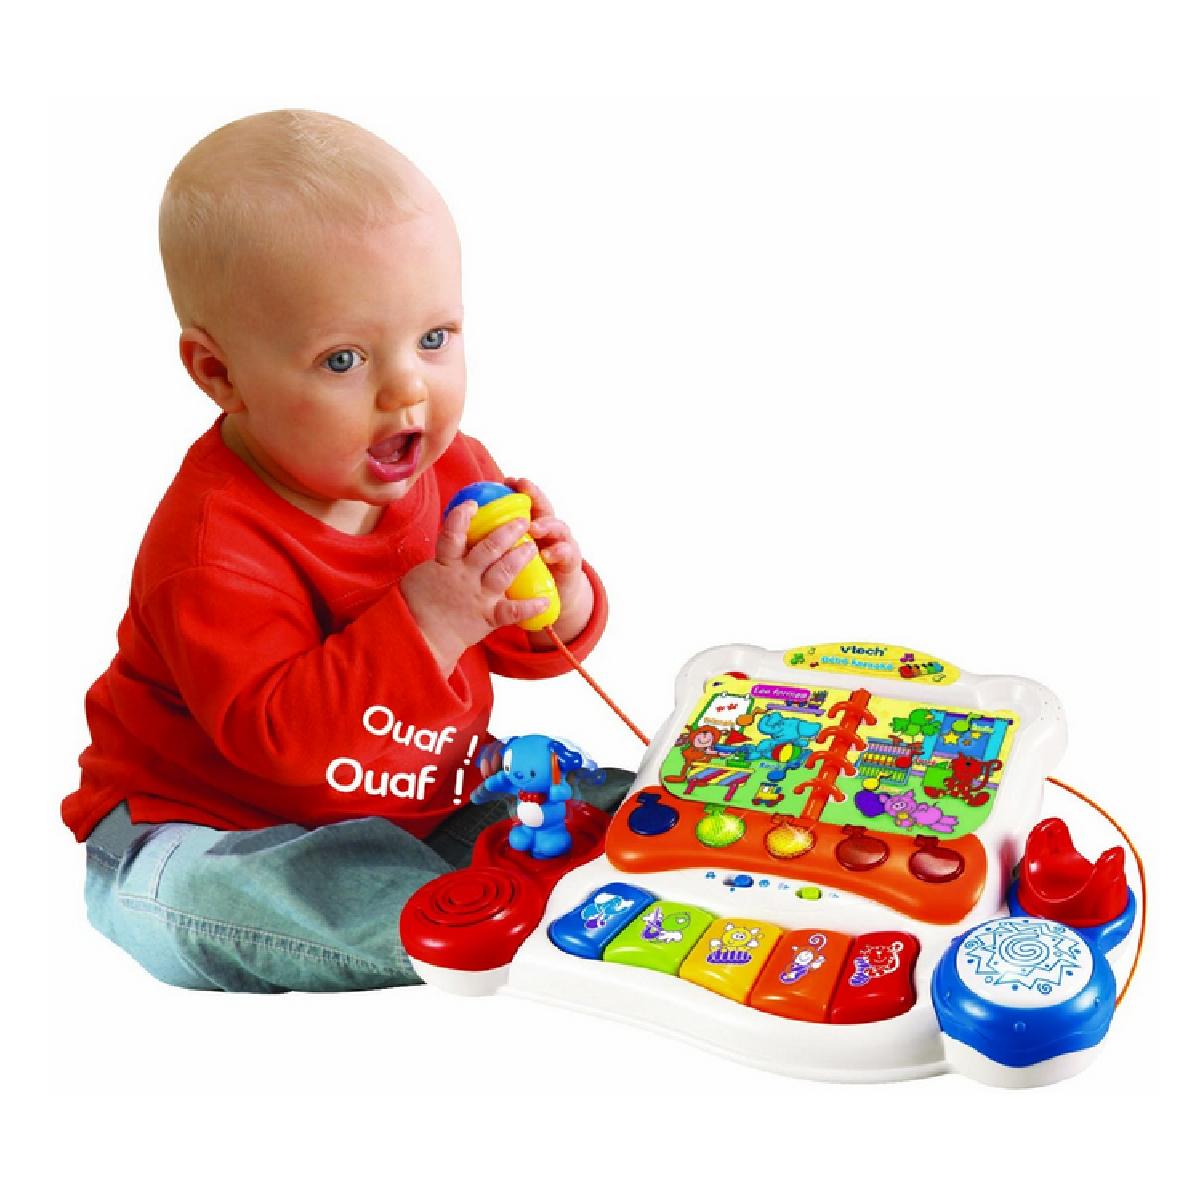 Jouet Pour Bébé De 8 Mois - L'univers Du Bébé intérieur Jouet Garçon 1 An